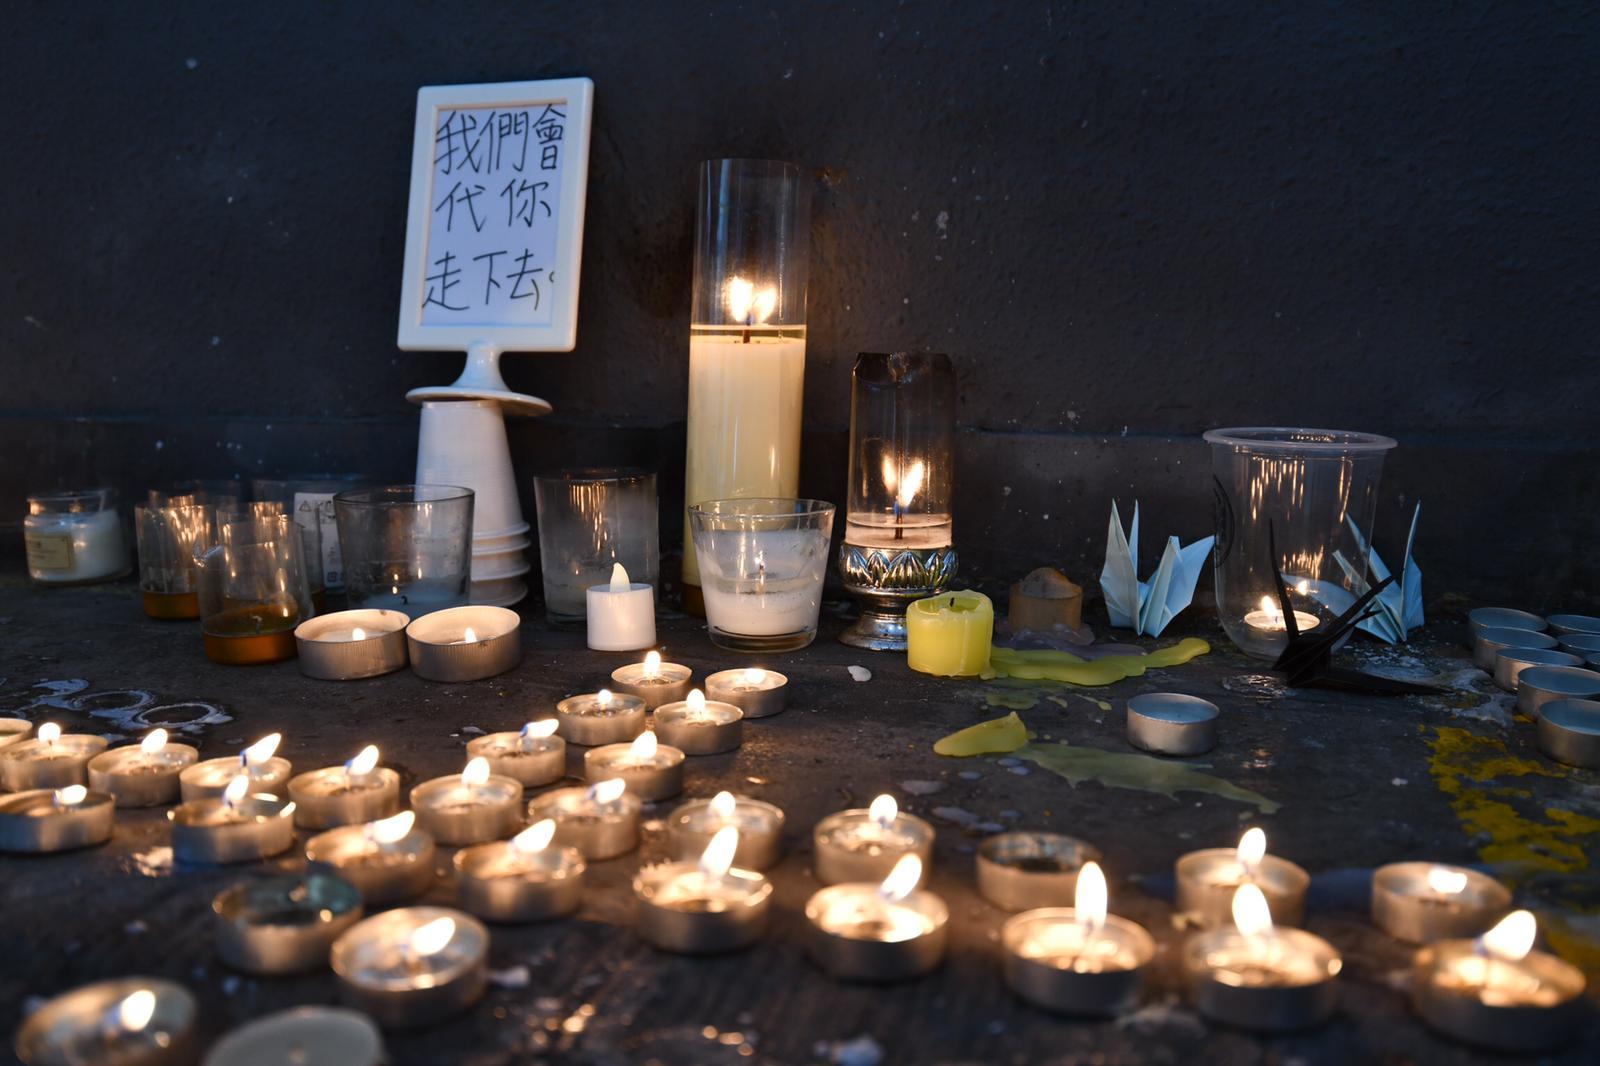 大批市民連日舉行悼念活動,今早尚德廣場停車場亦有市民悼念。